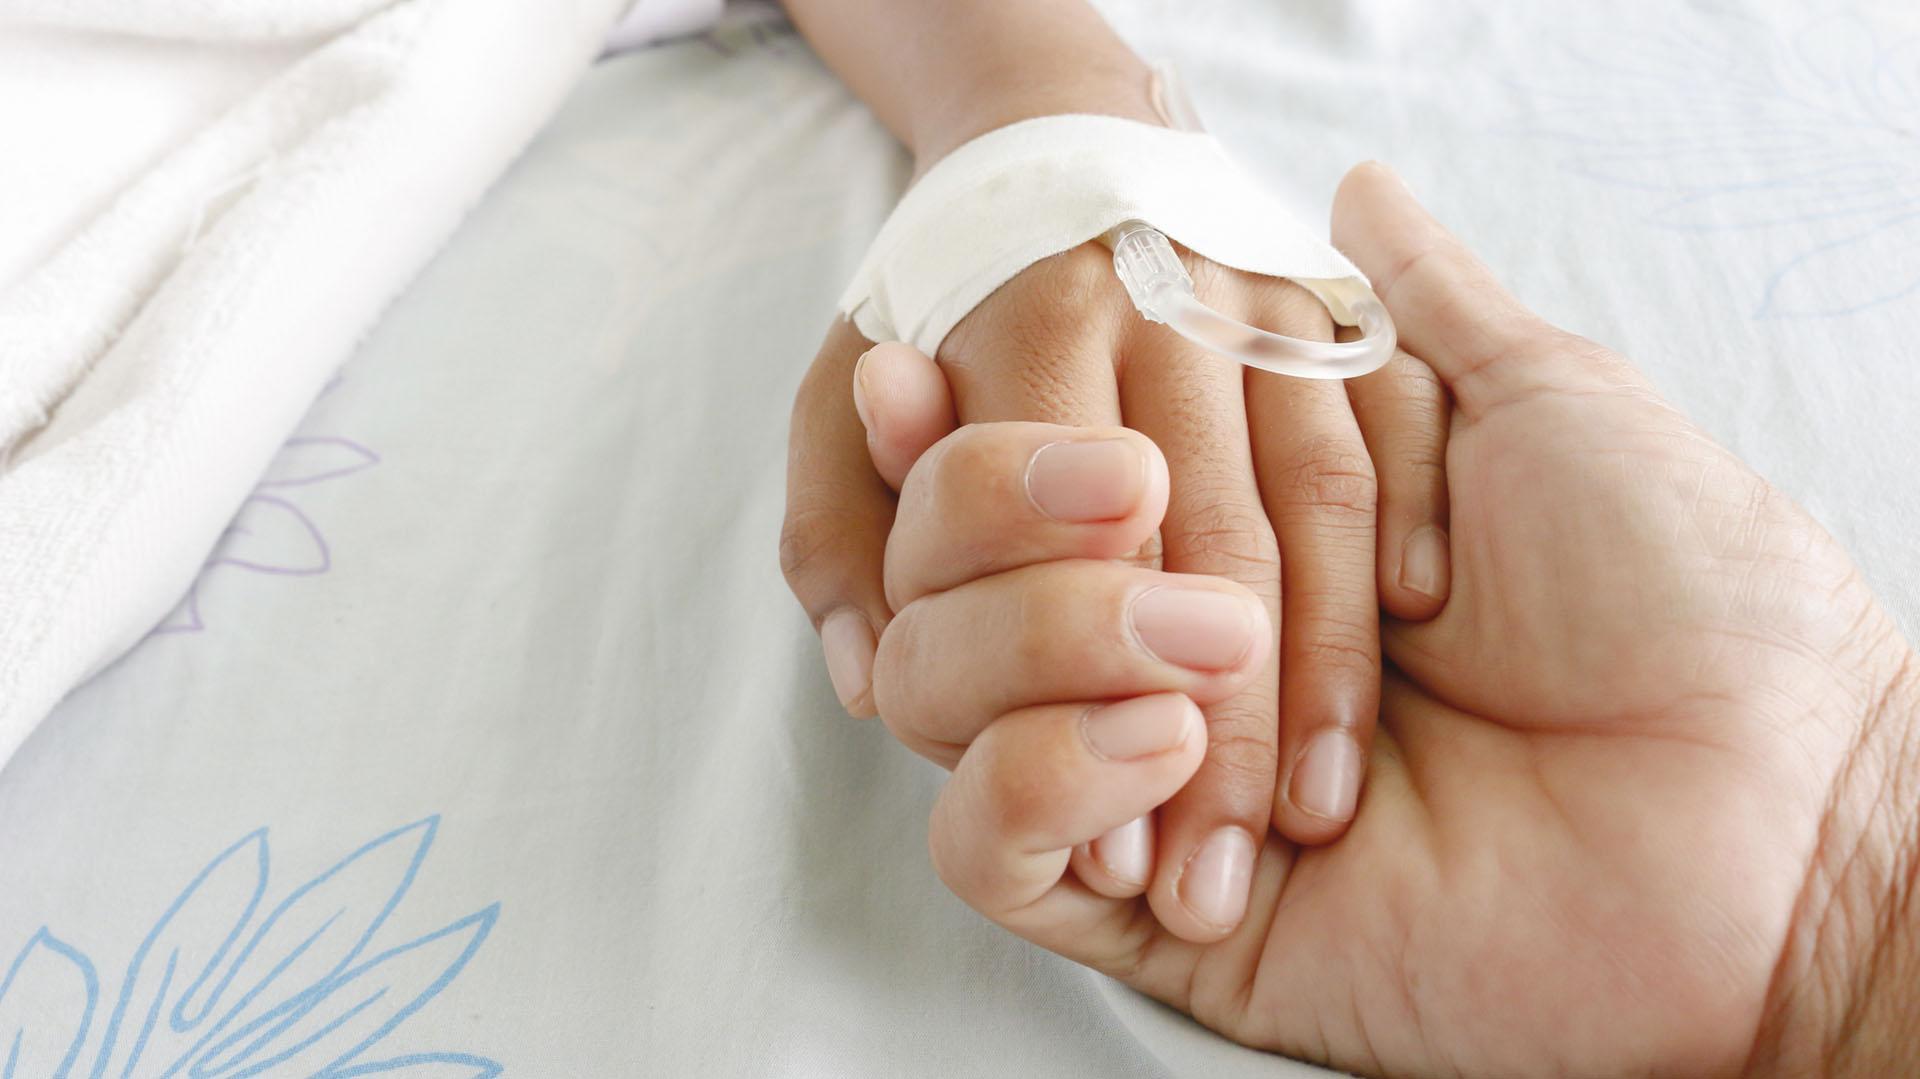 La tasa de mortalidad por cáncer se ha duplicado en los últimos años (iStock)